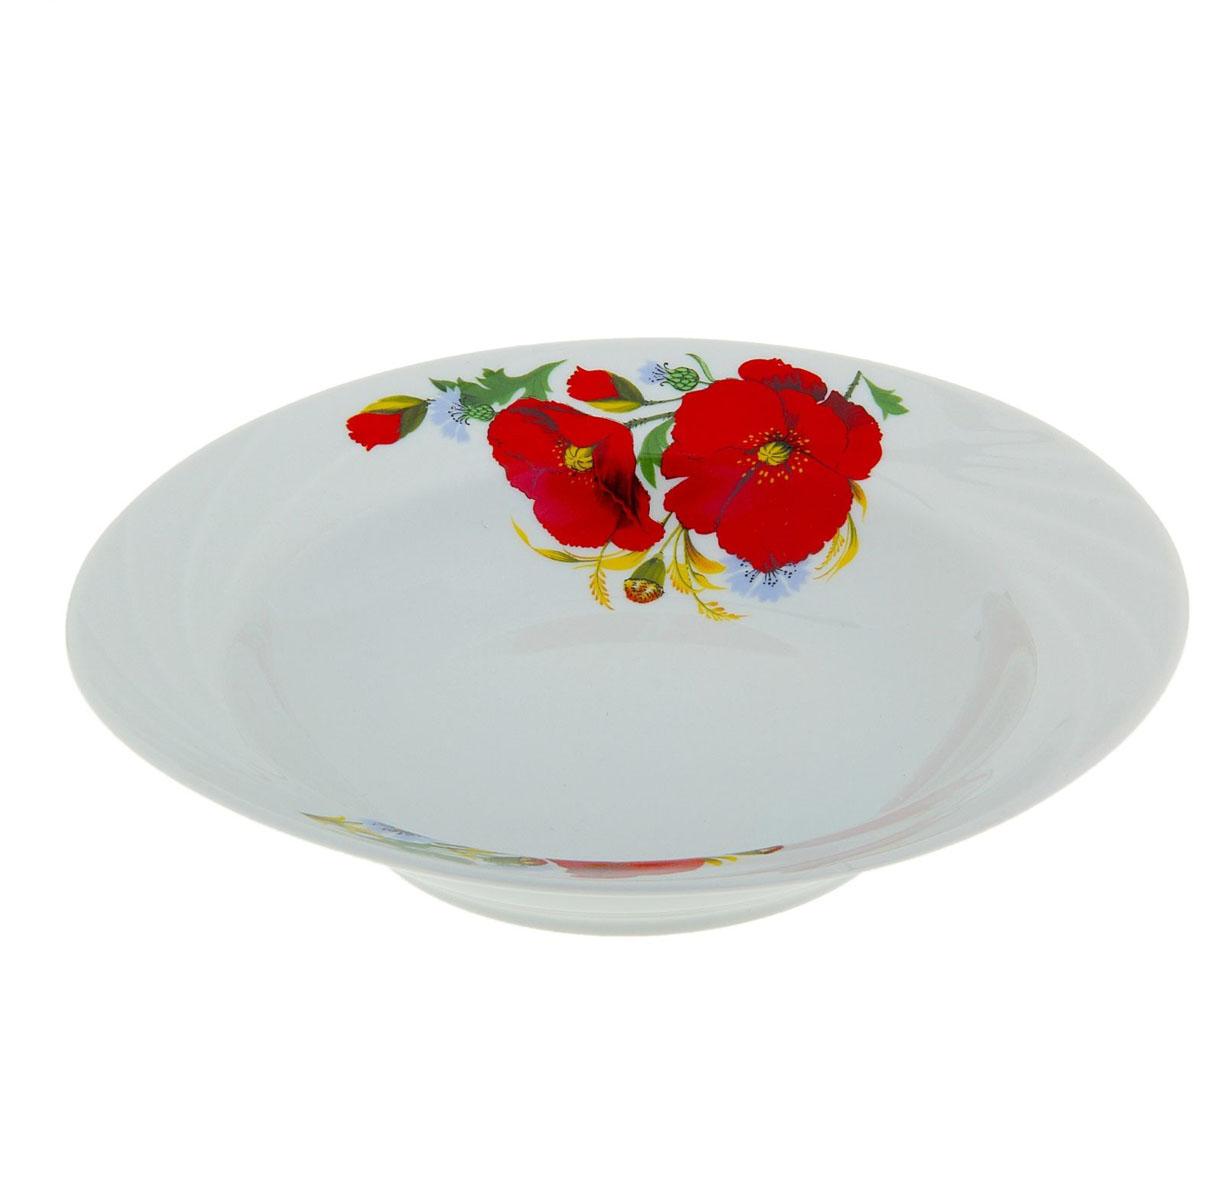 Тарелка глубокая Голубка. Маки красные, диаметр 20 см508021